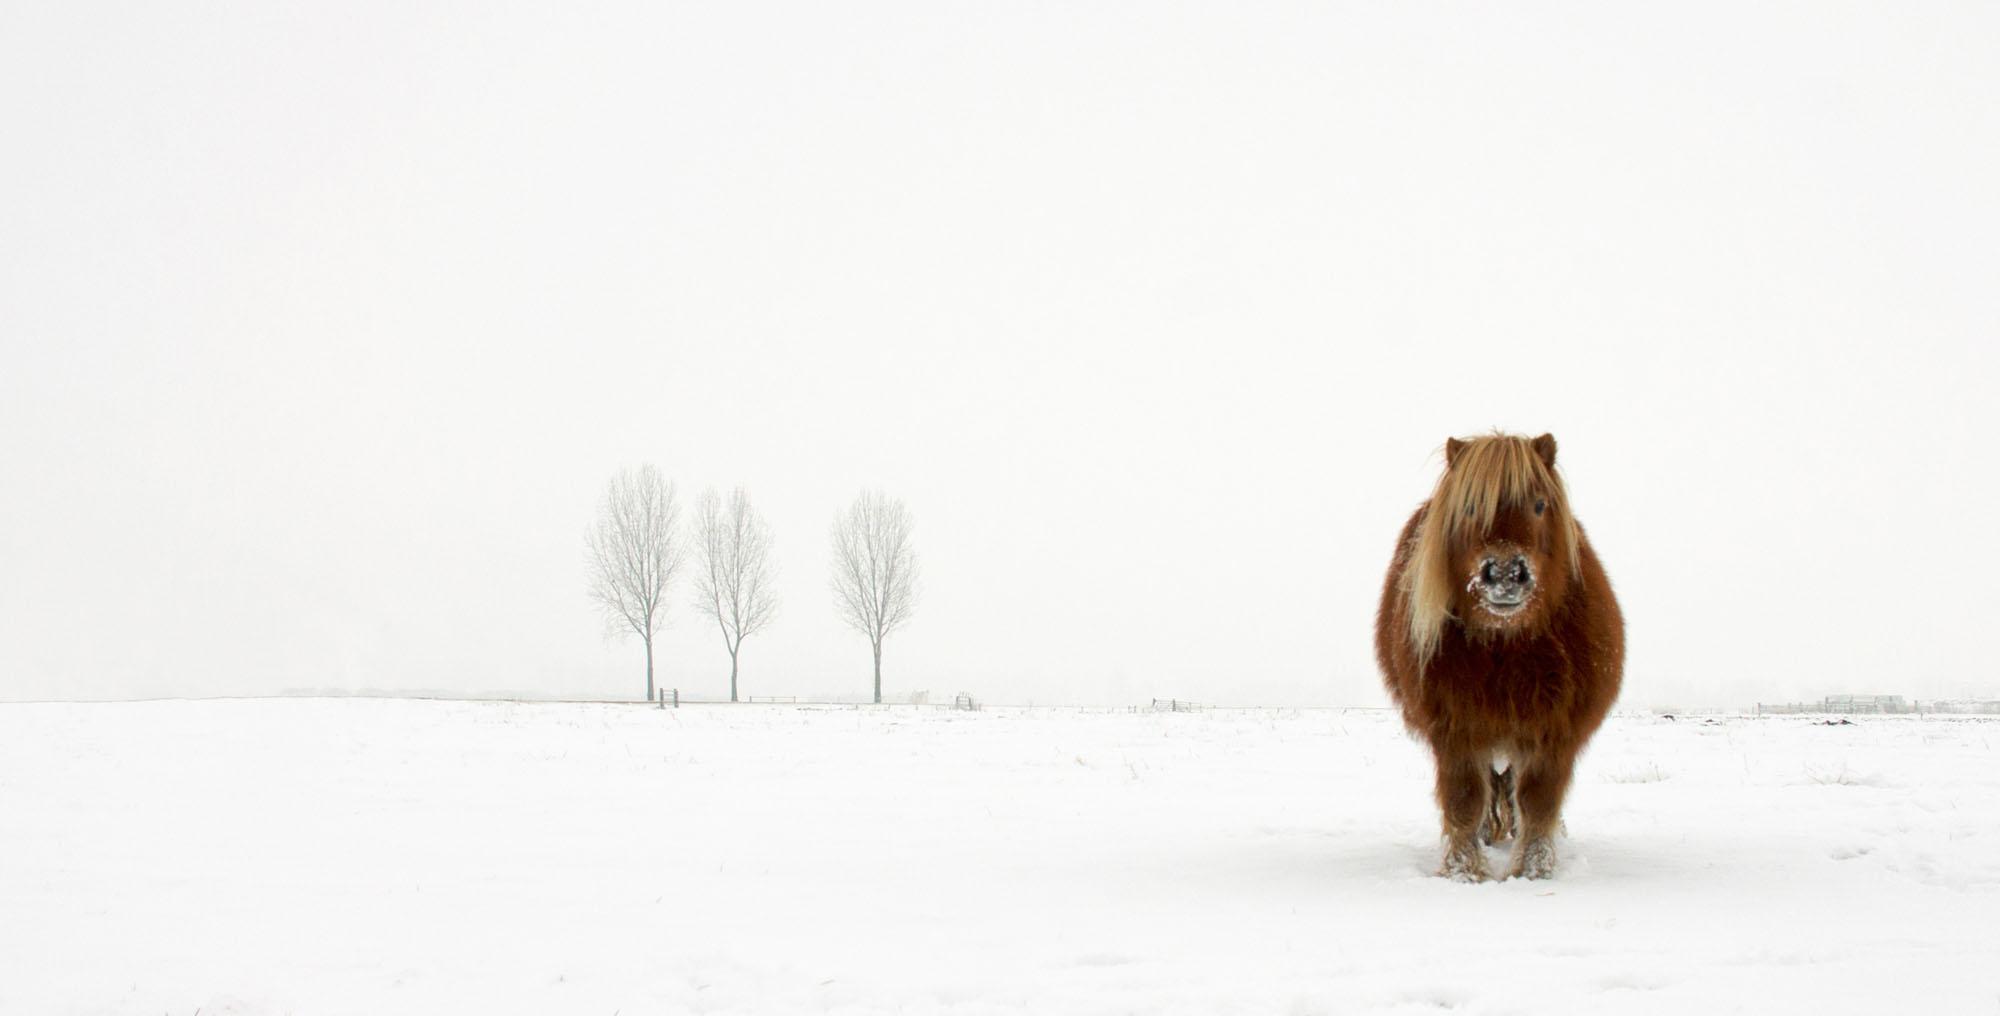 اسب منجمد شده در سرما + عکس